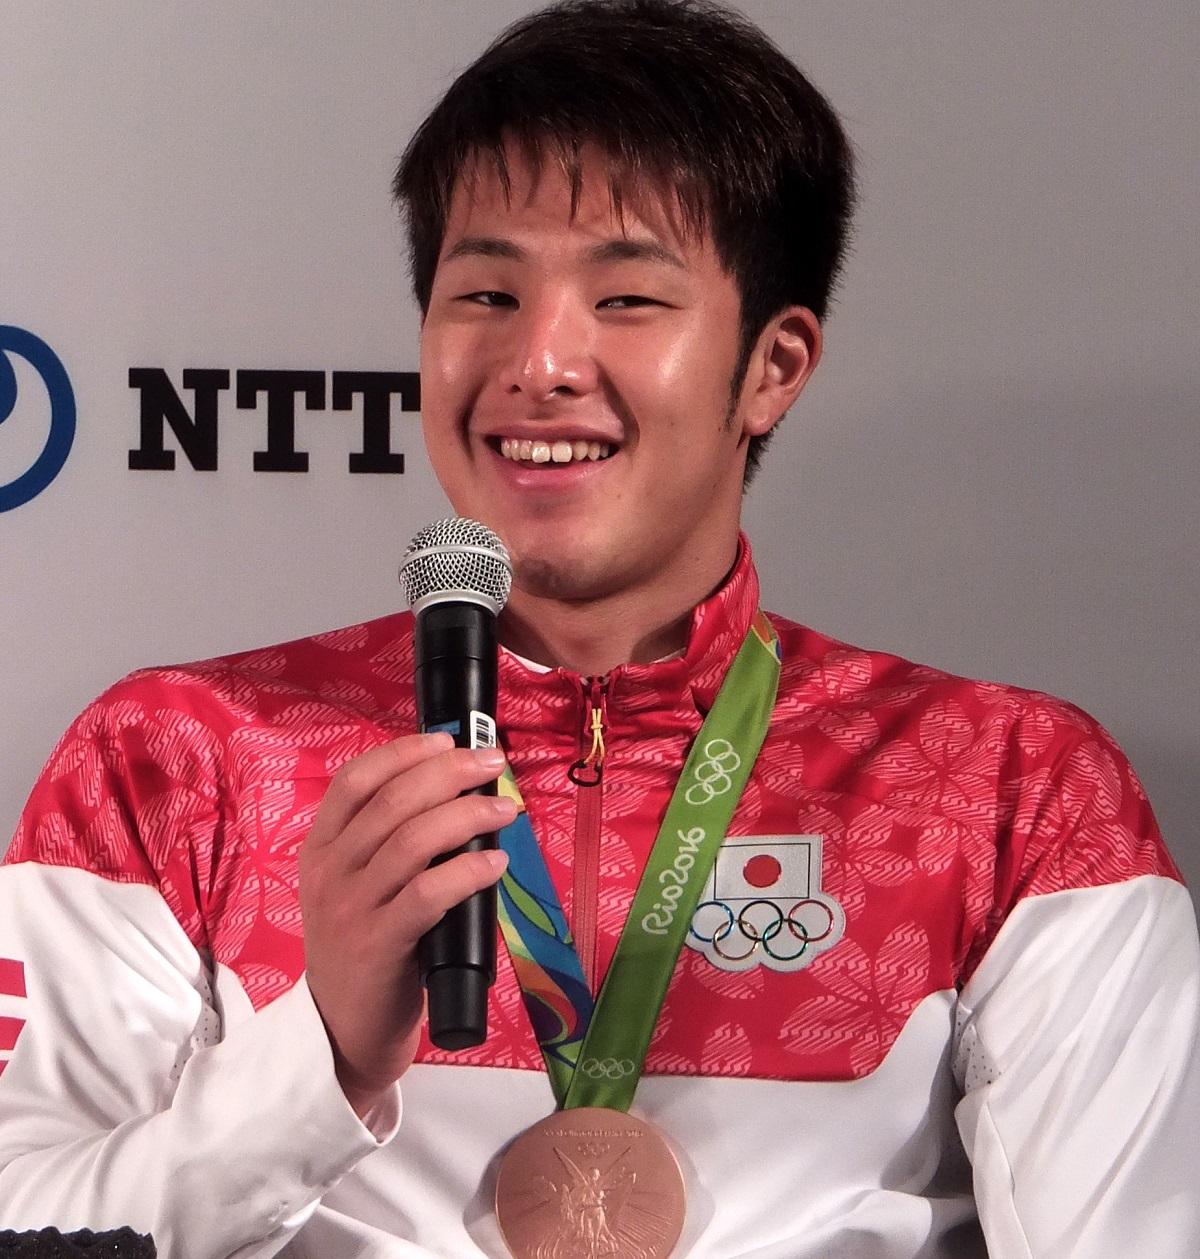 2016年のリオデジャネイロ・オリンピックでは、400メートル個人メドレーで銅メダルを獲得した